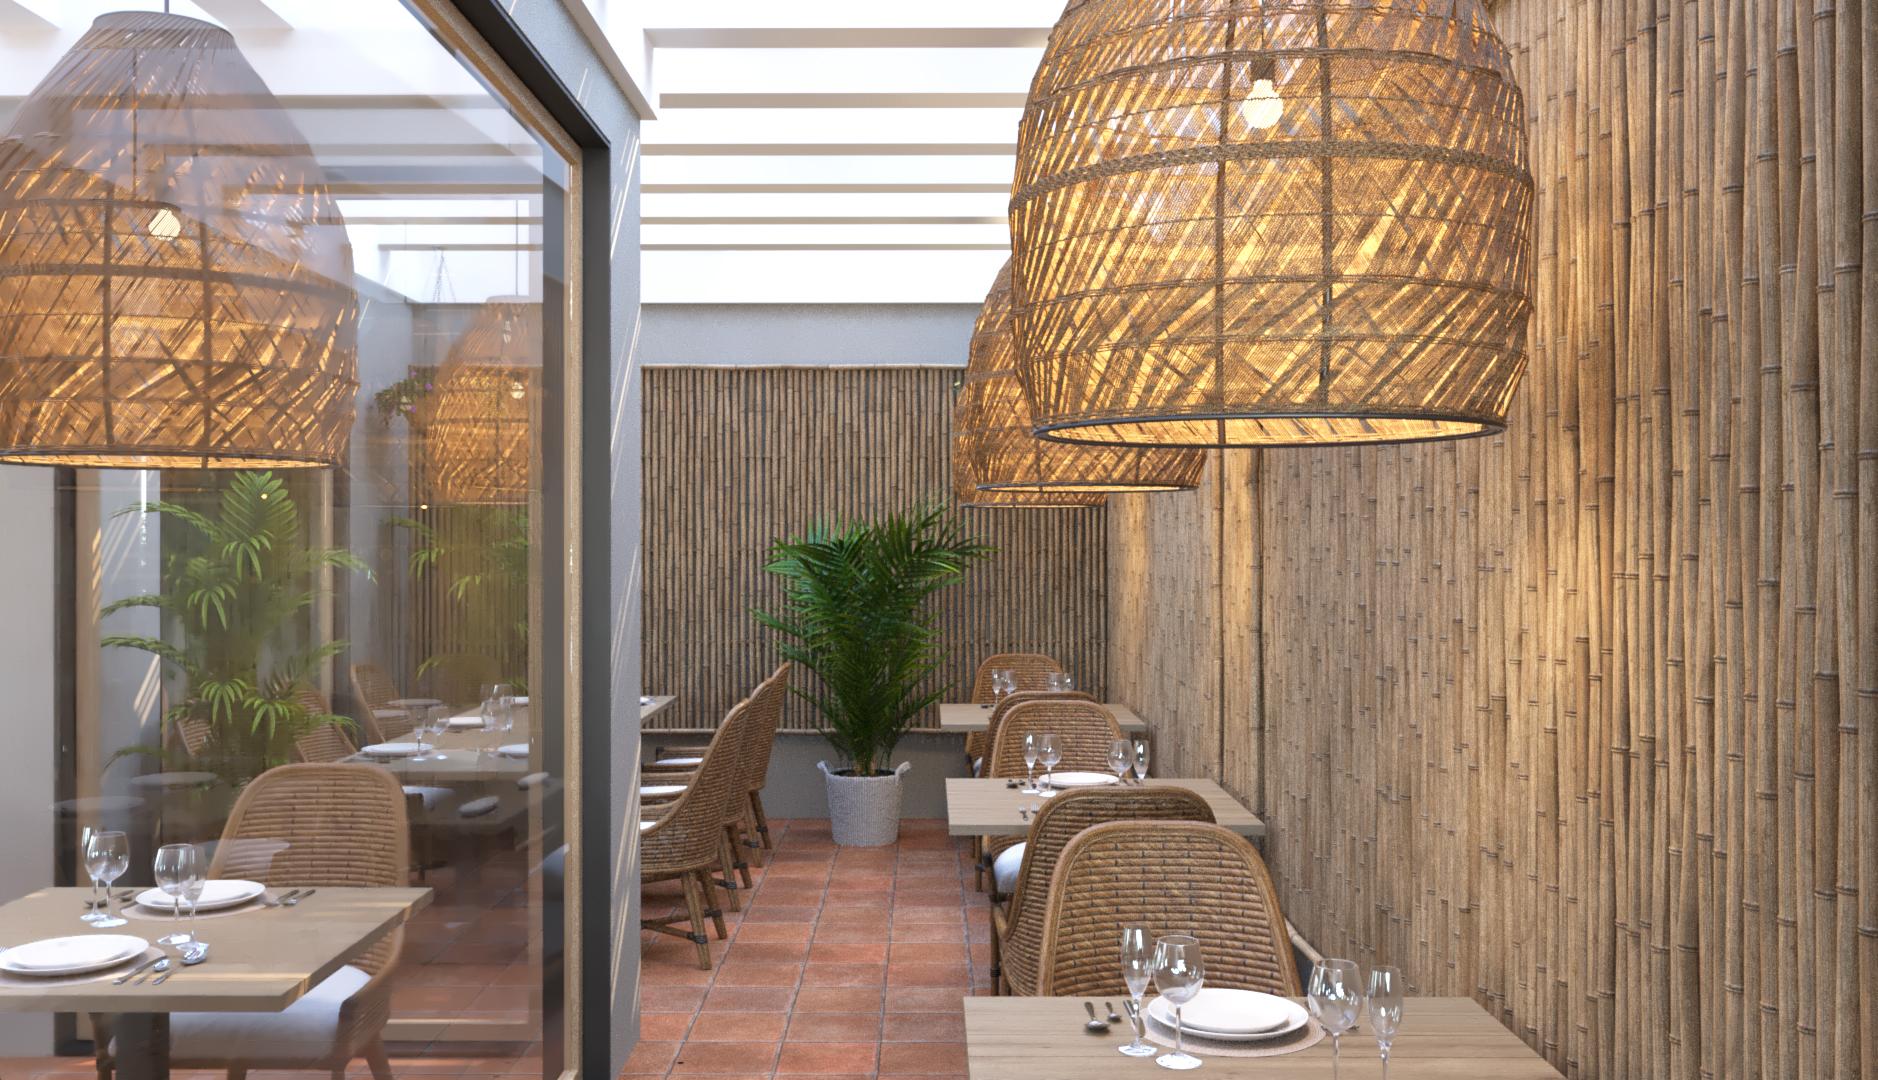 Restaurant_Terraza_01